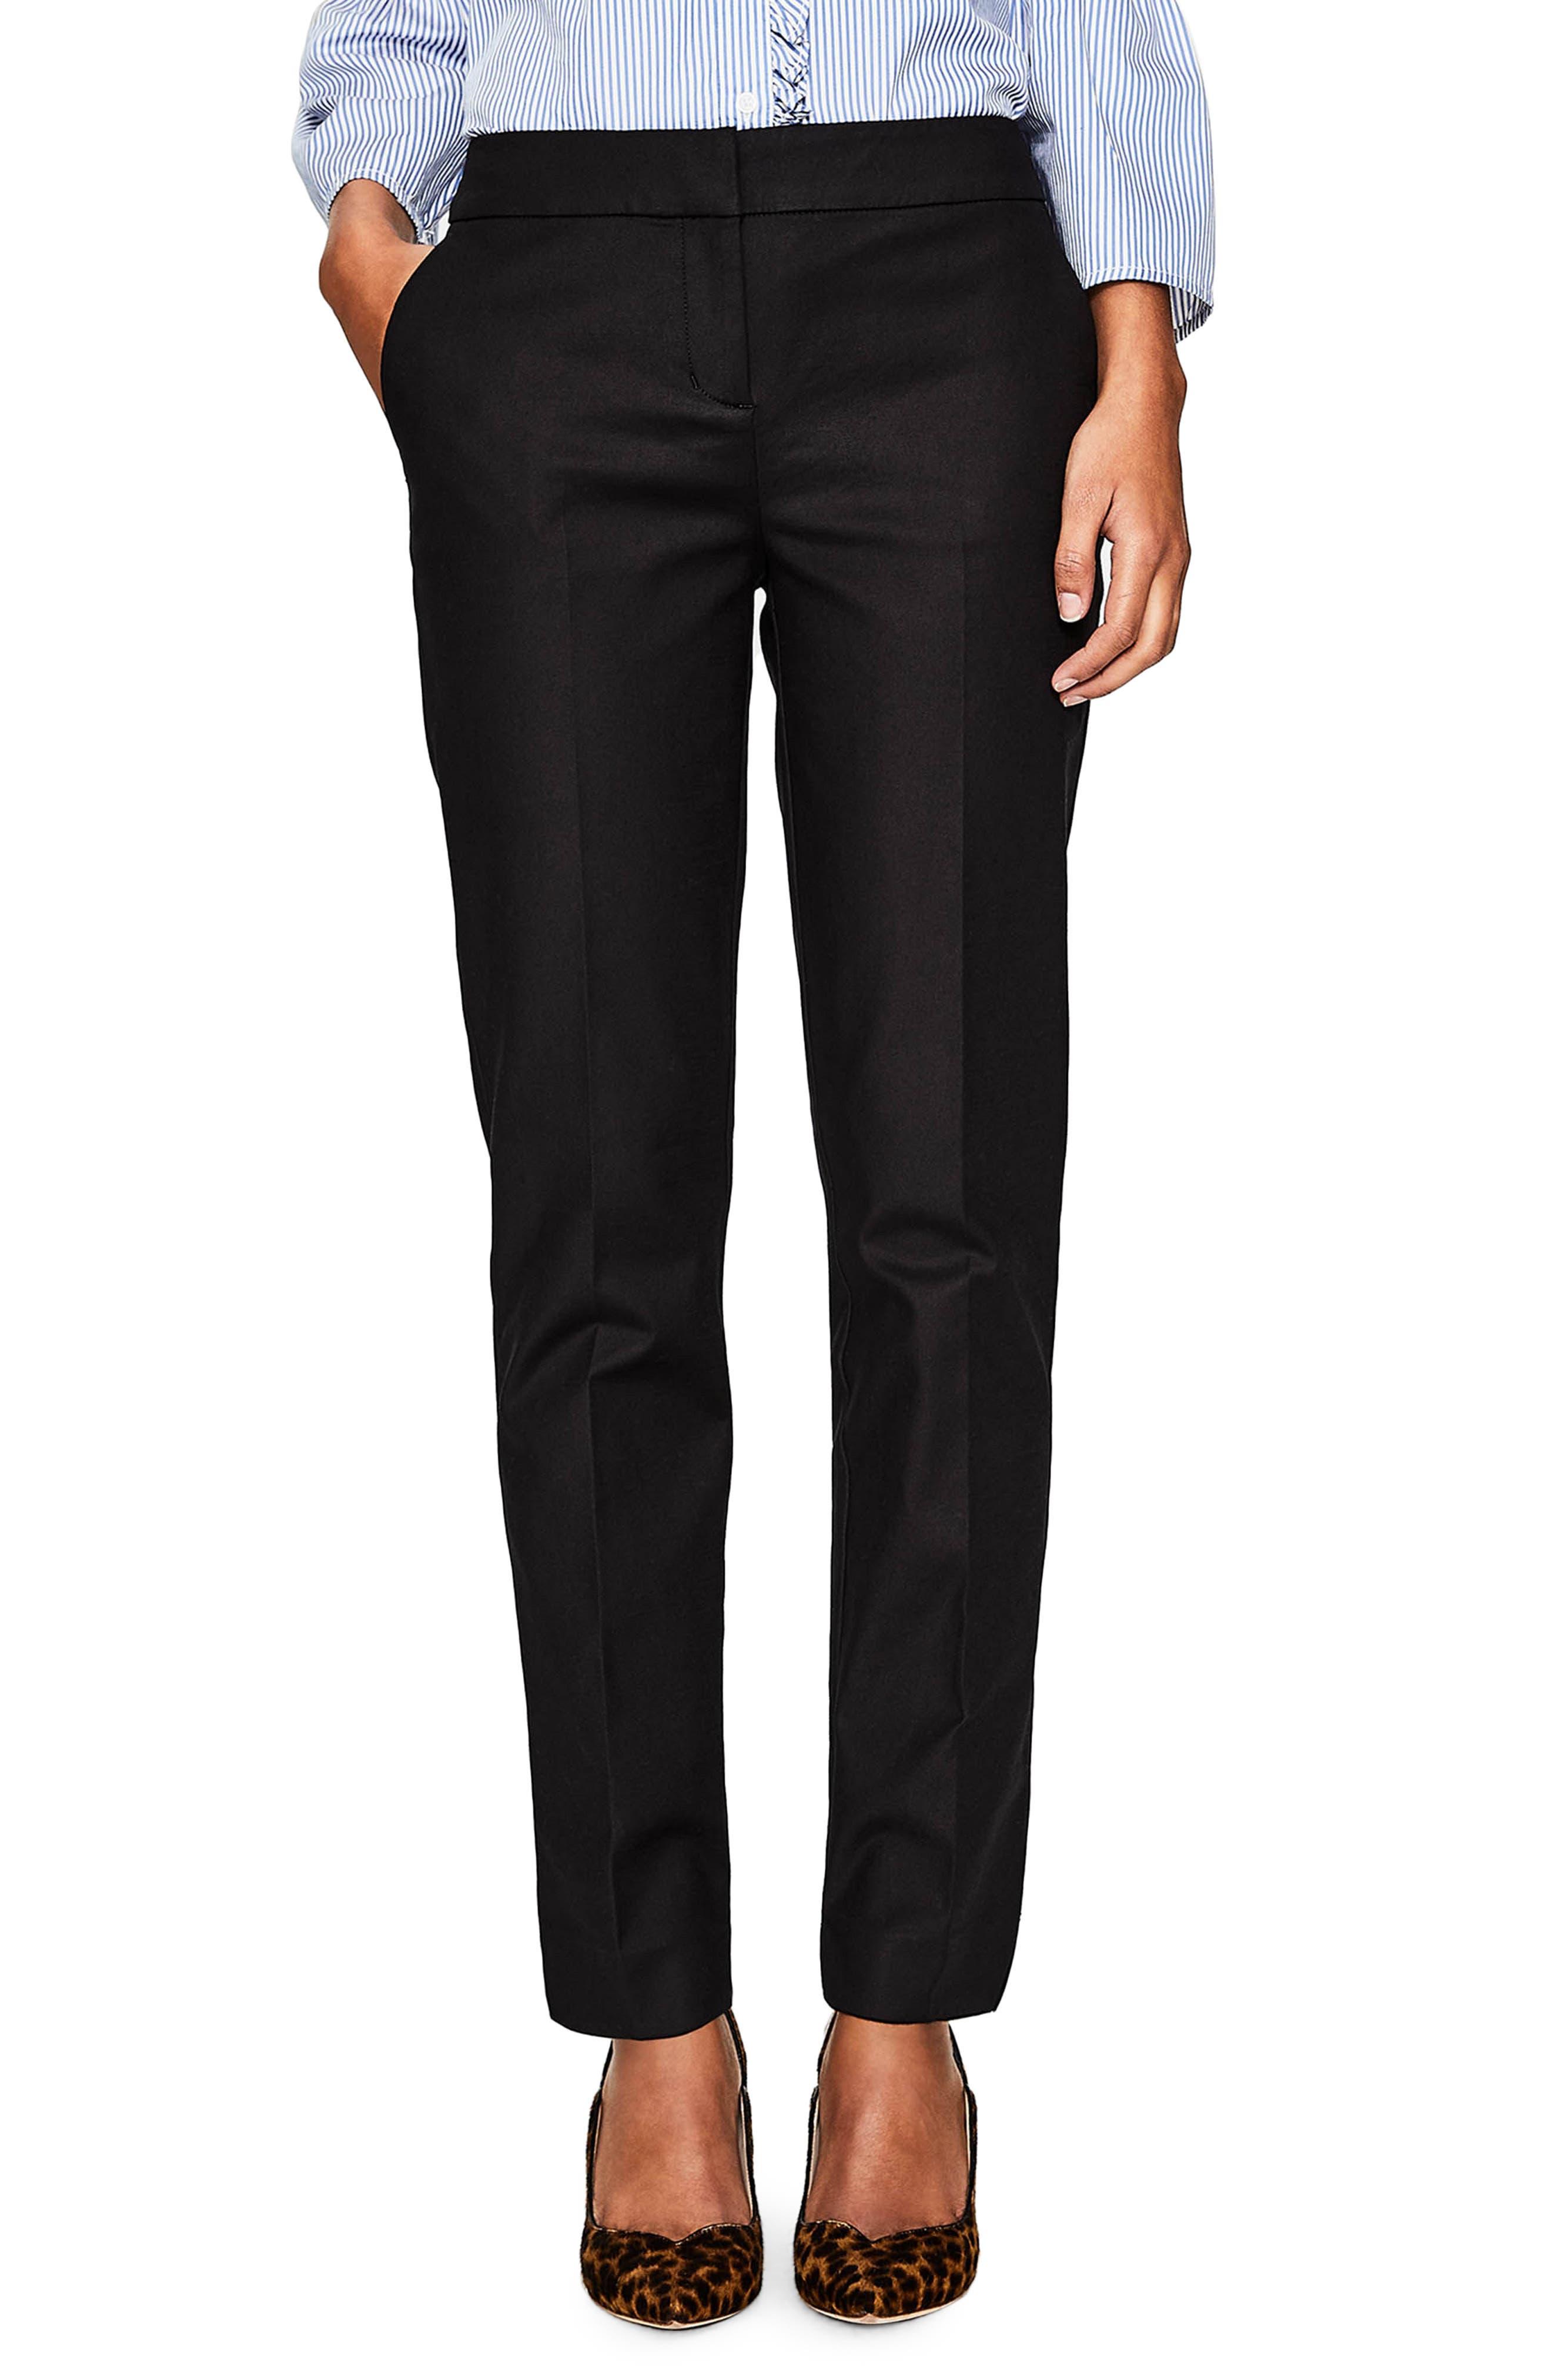 Richmond Stretch Cotton Trousers,                         Main,                         color, Black